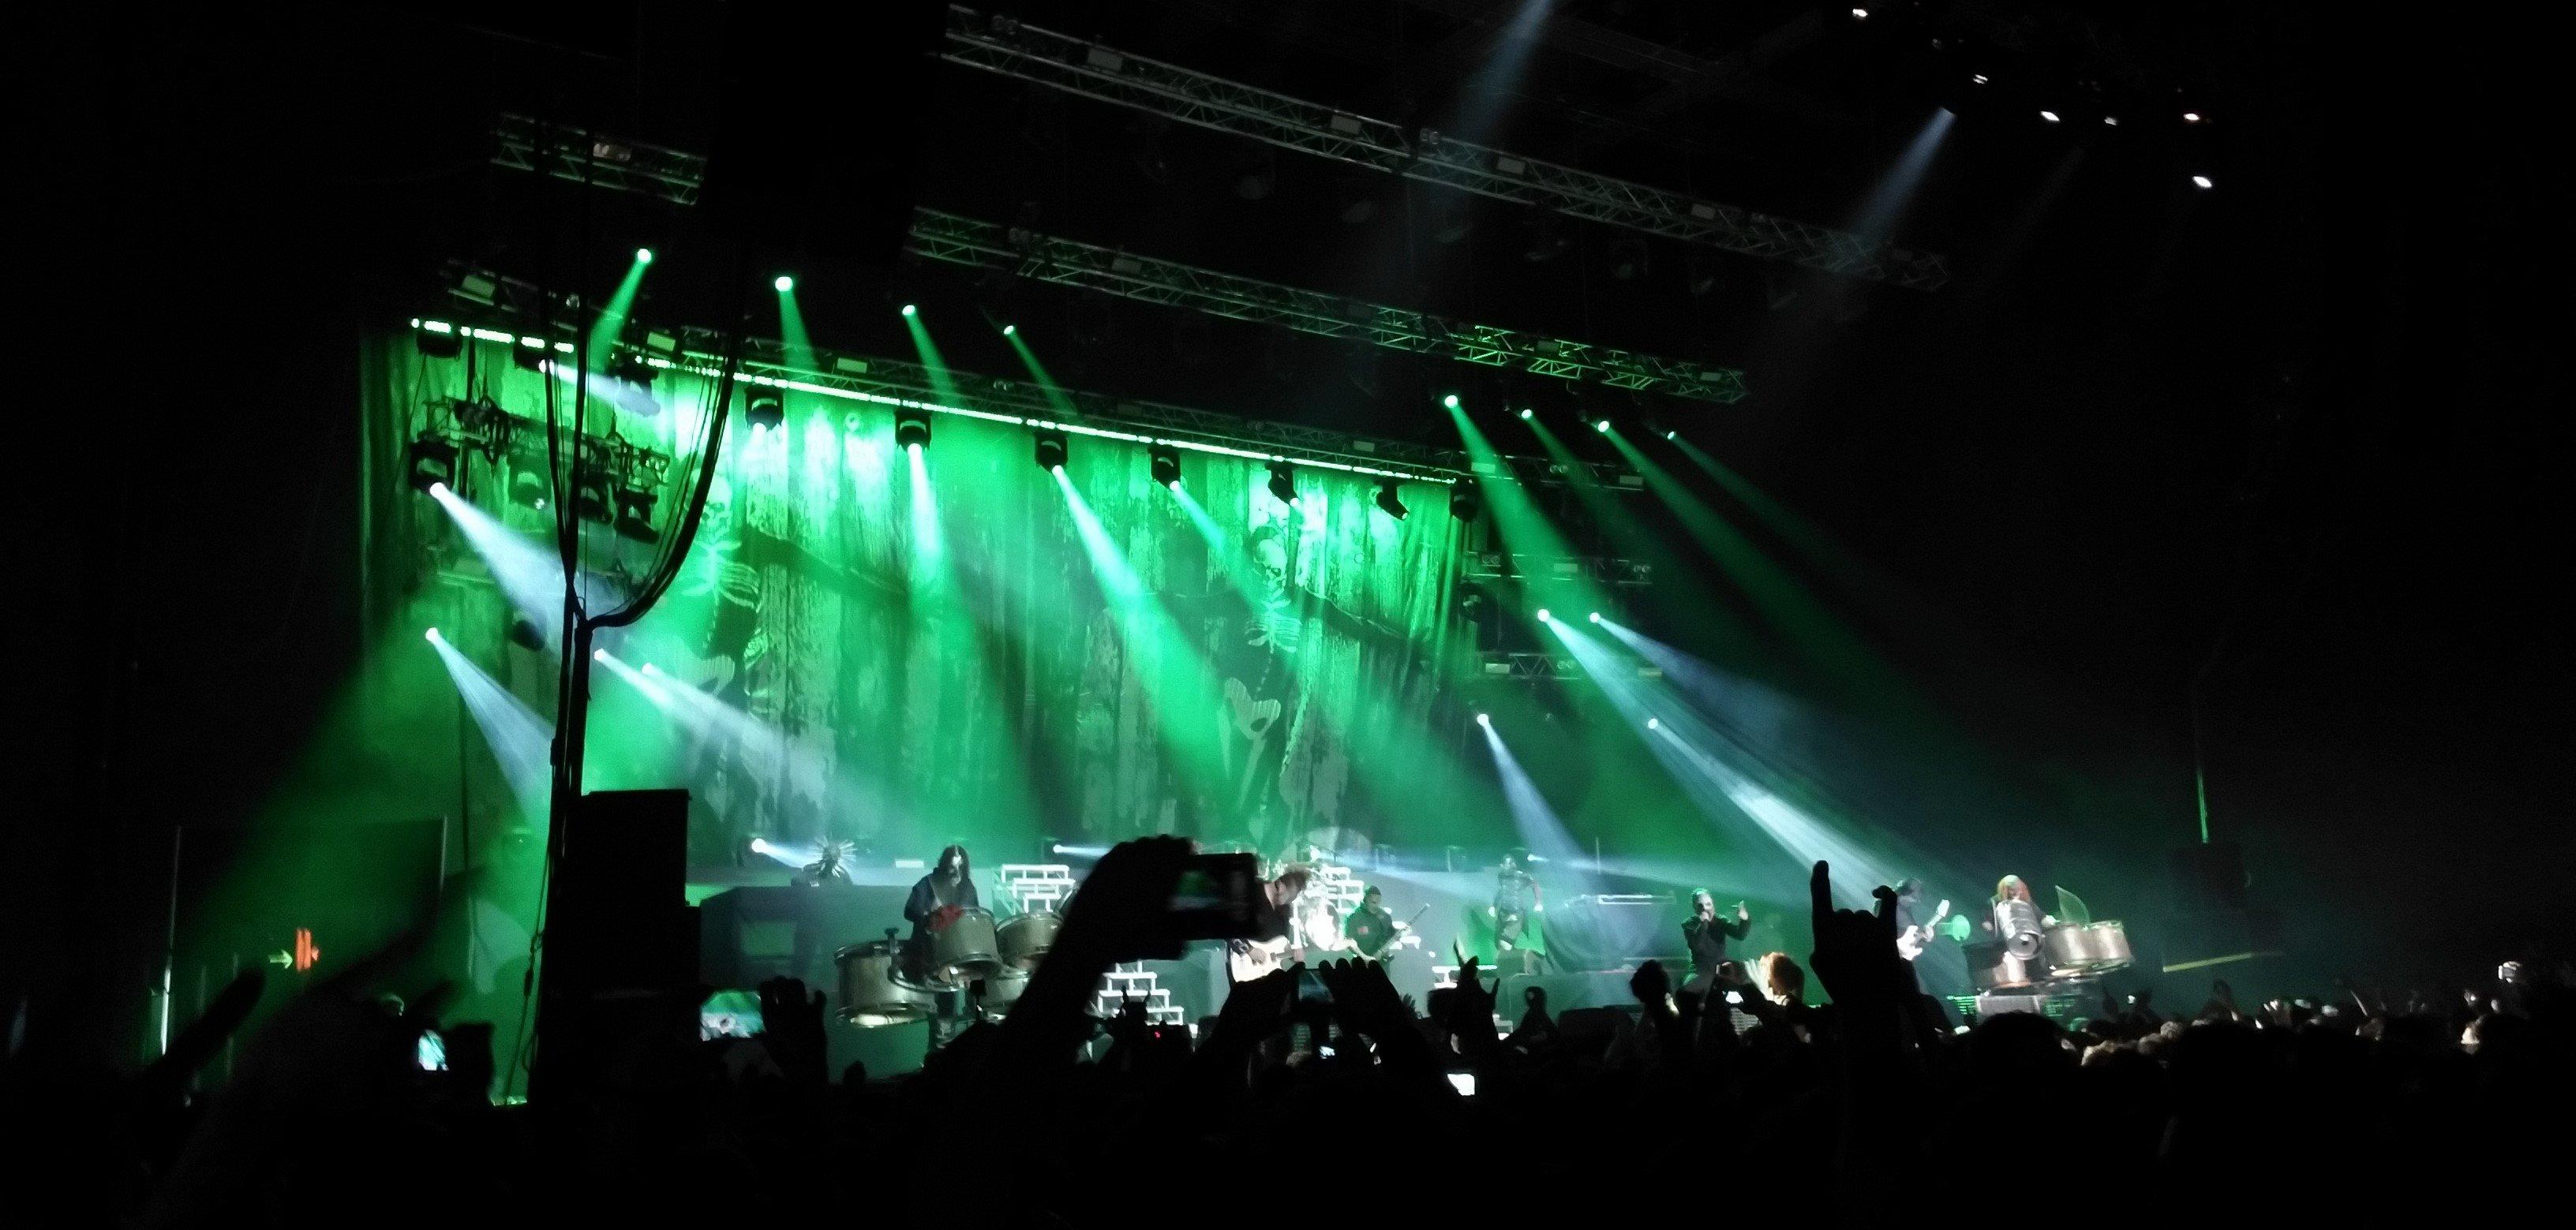 Олимпийцы: Slipknot [30.01.16]. - Изображение 4